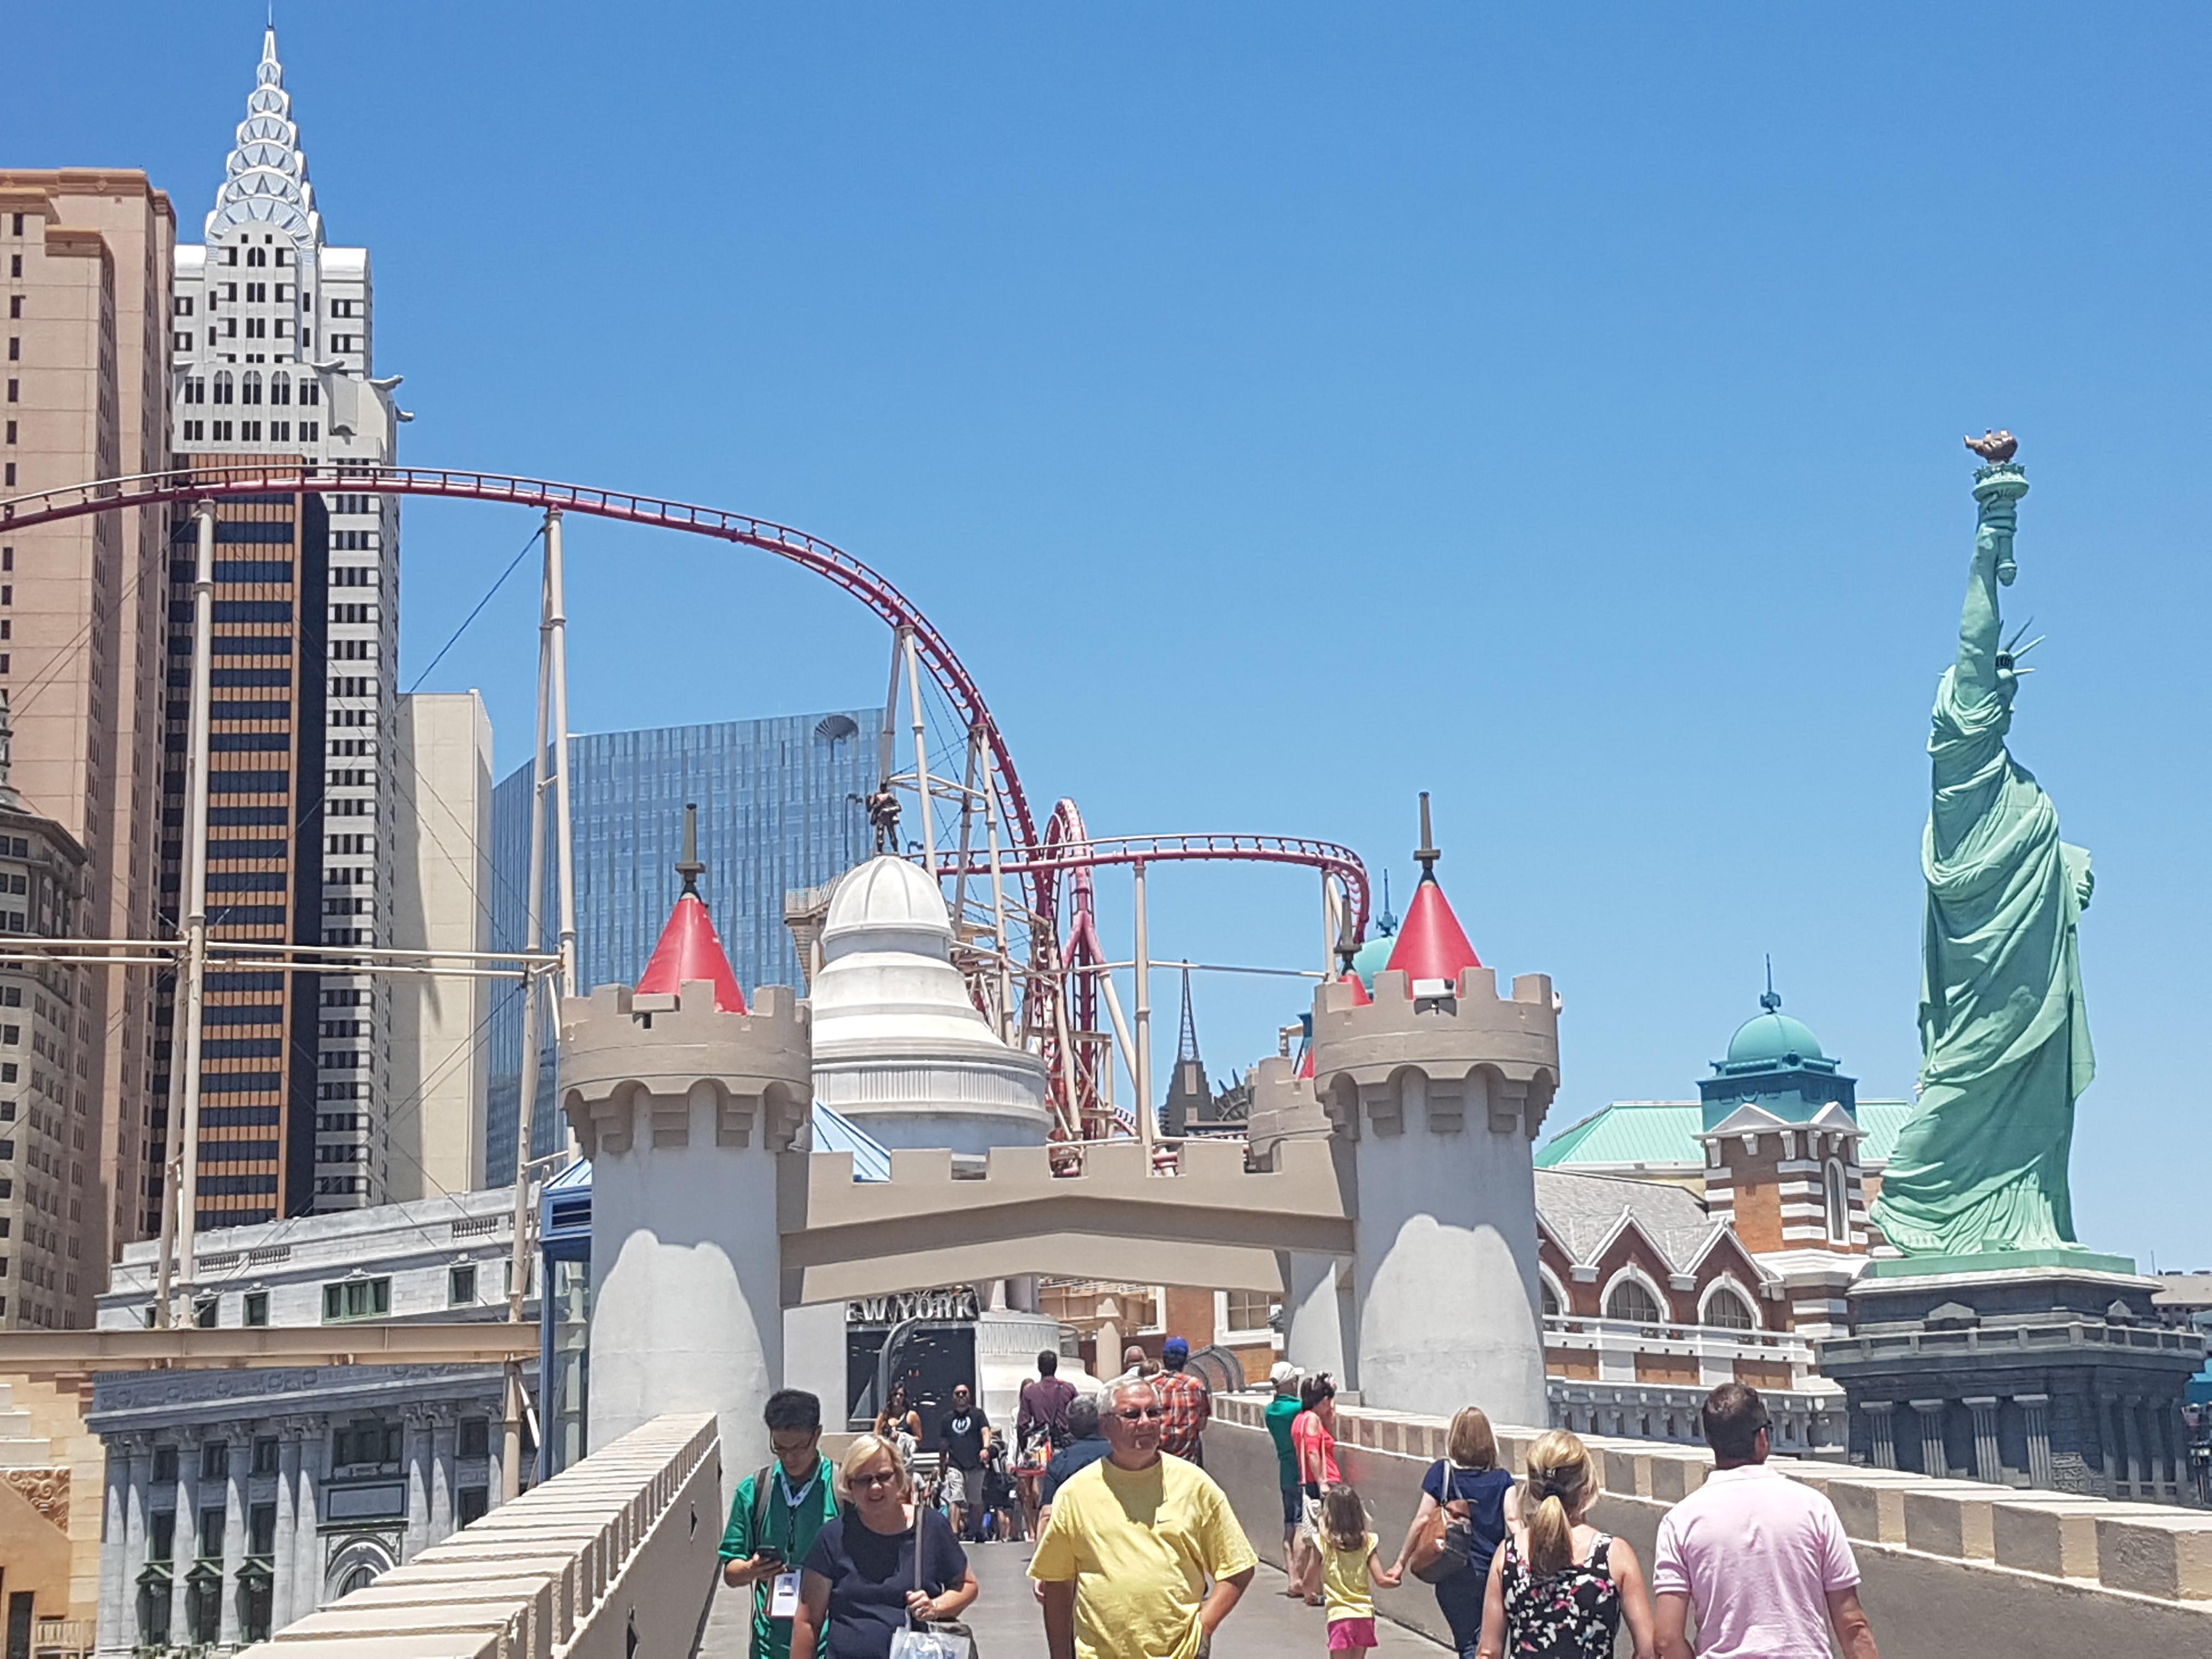 Next stop: Las Vegas – Introducing Georgia